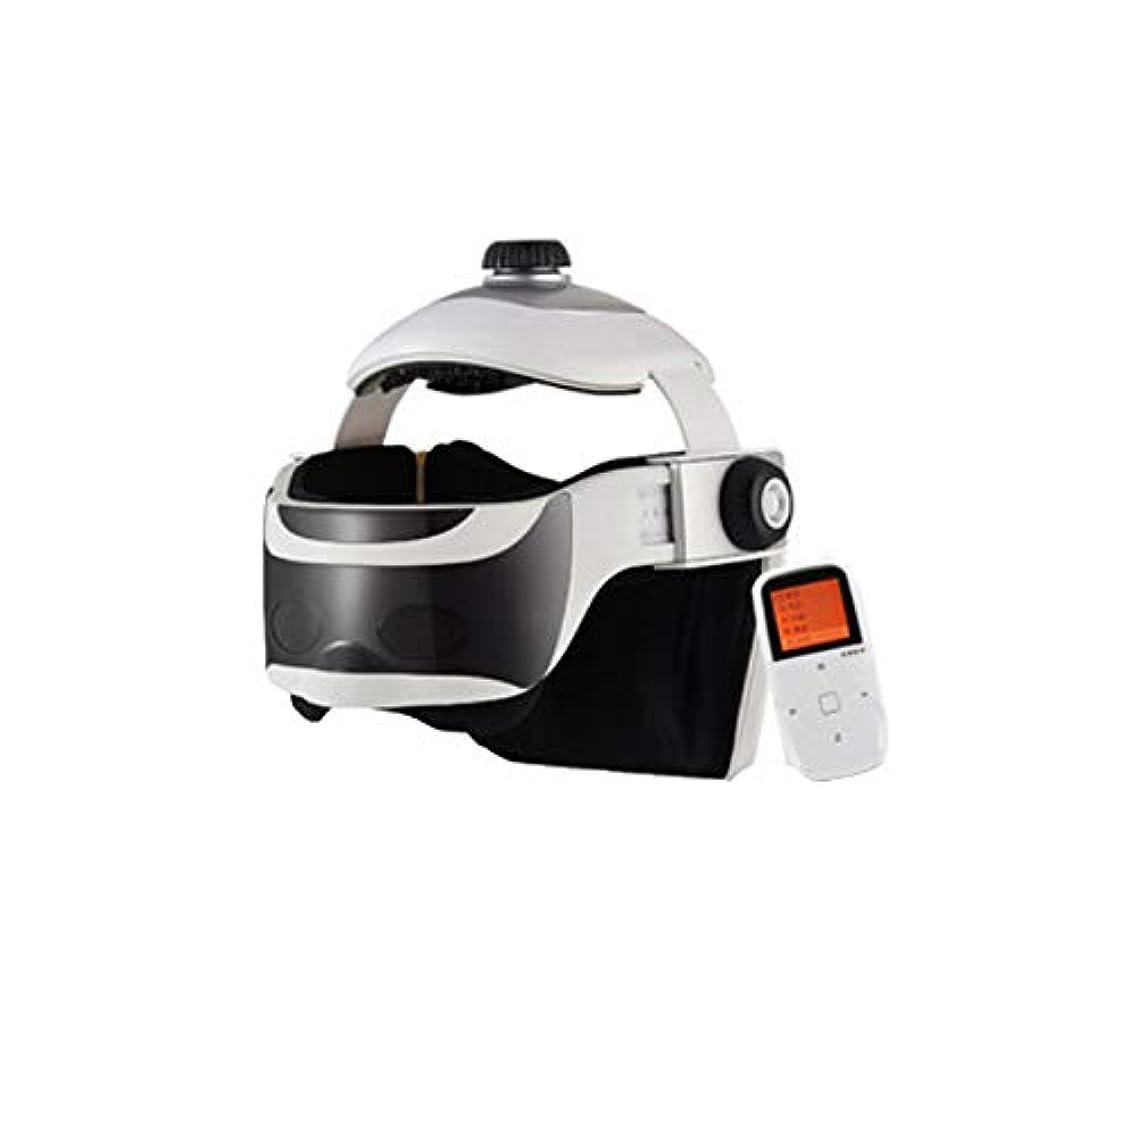 勝利したのために征服者マッサージャー - マッサージャーホーム練り頭皮マッサージヘルメット (色 : Wireless version)